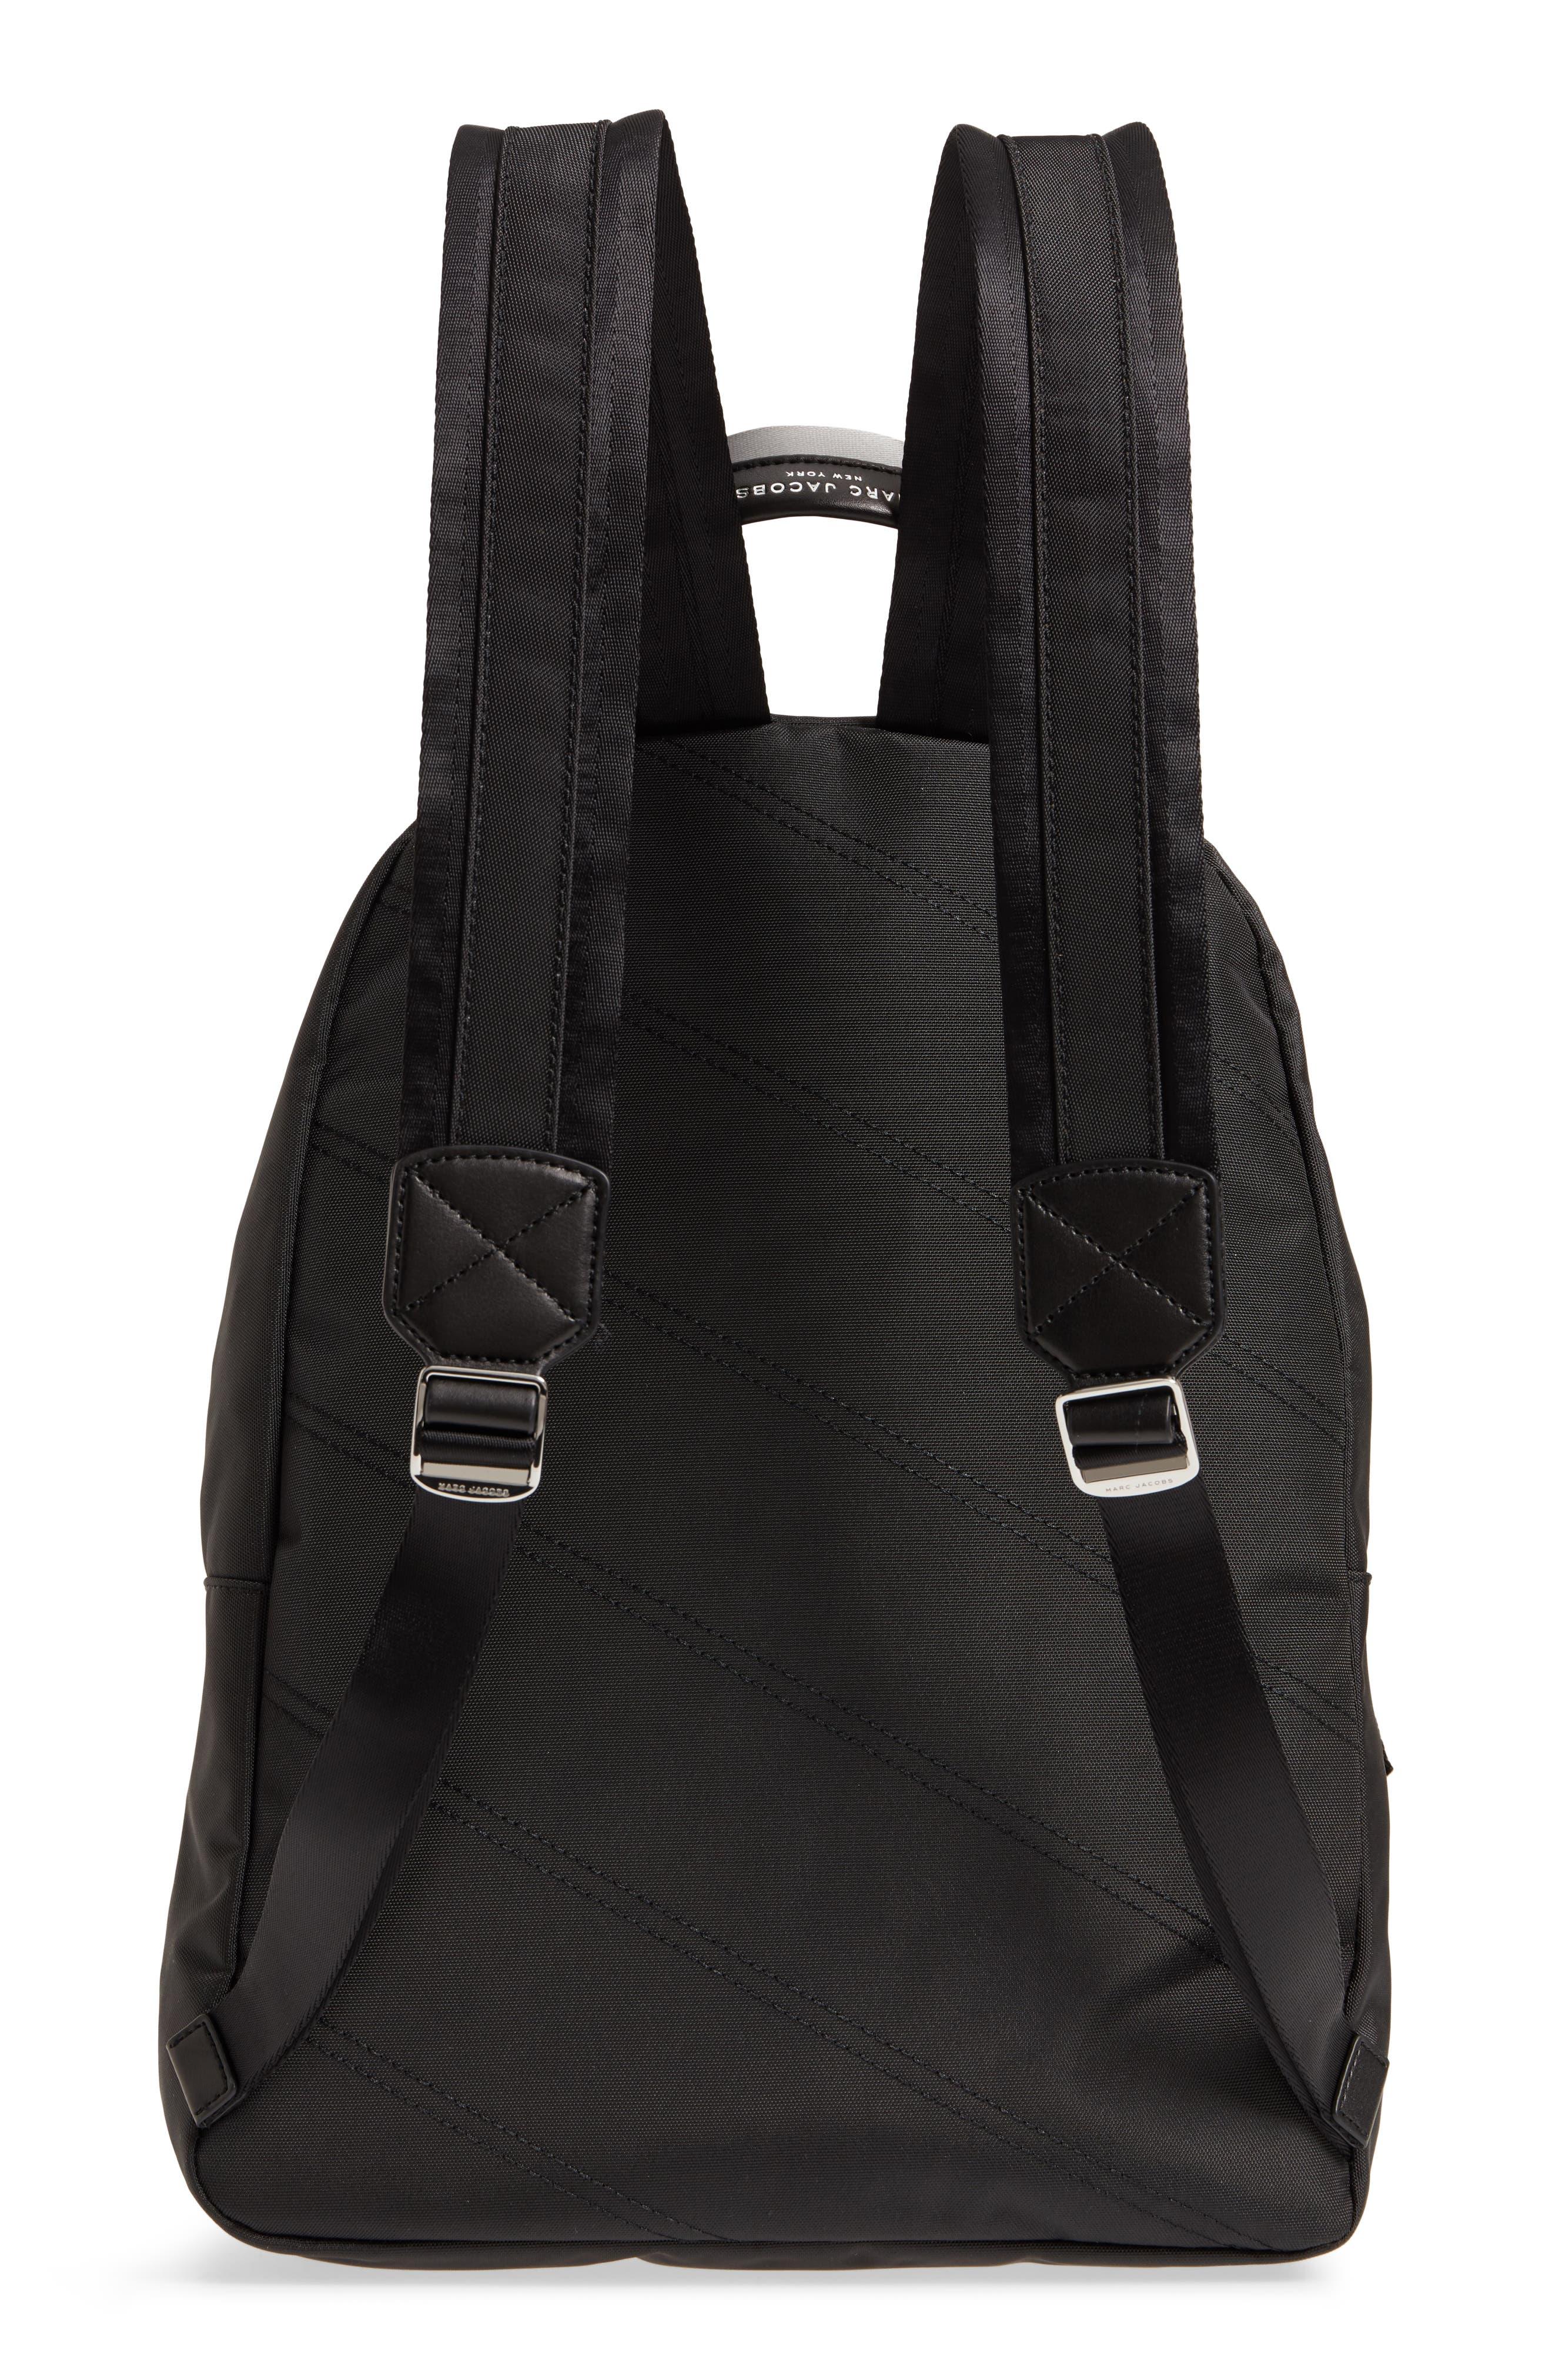 Large Sport Trek Nylon Backpack,                             Alternate thumbnail 3, color,                             BLACK